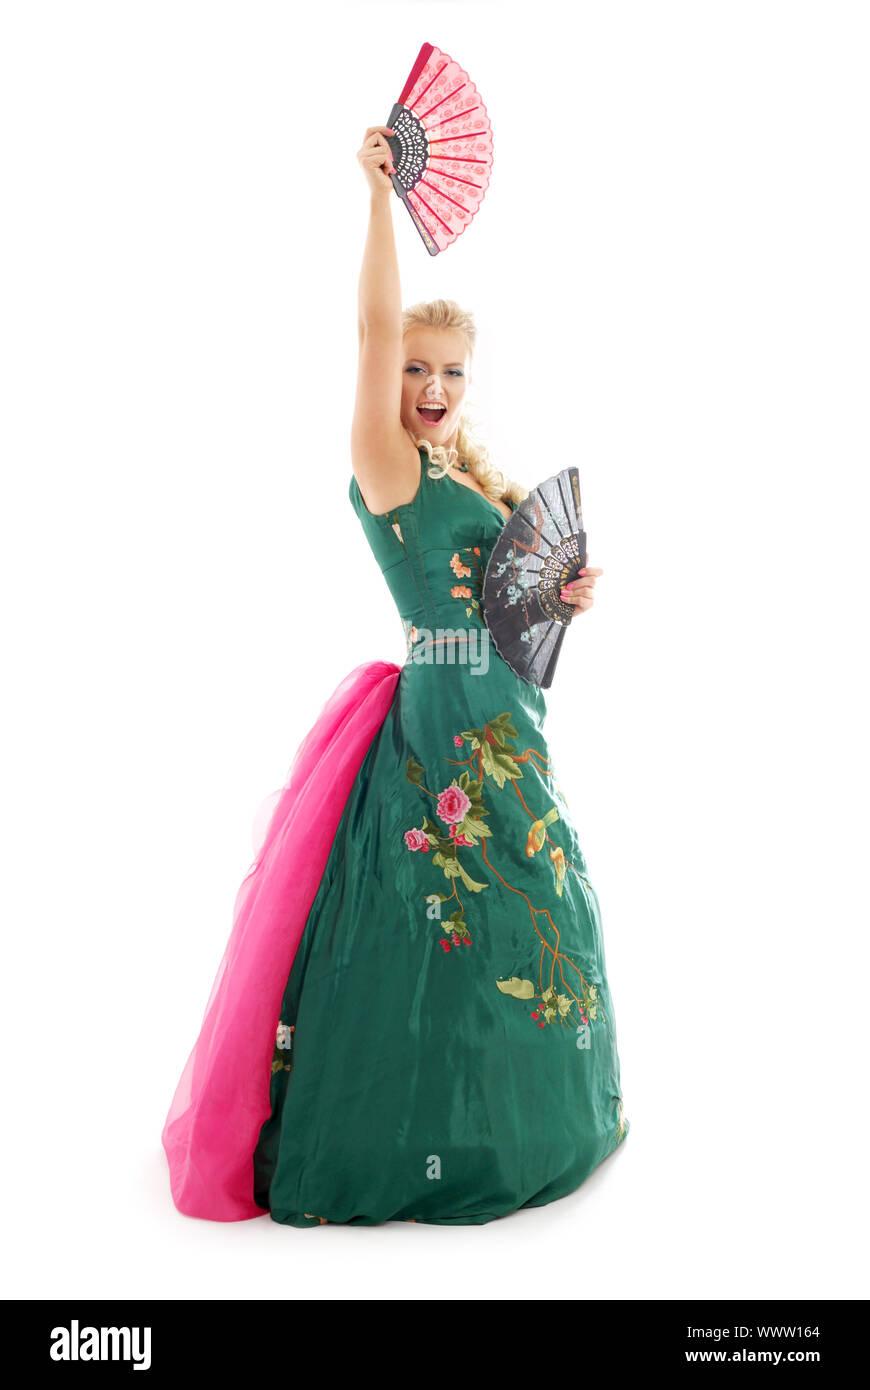 Dama En Vestido Verde Imágenes De Stock & Dama En Vestido